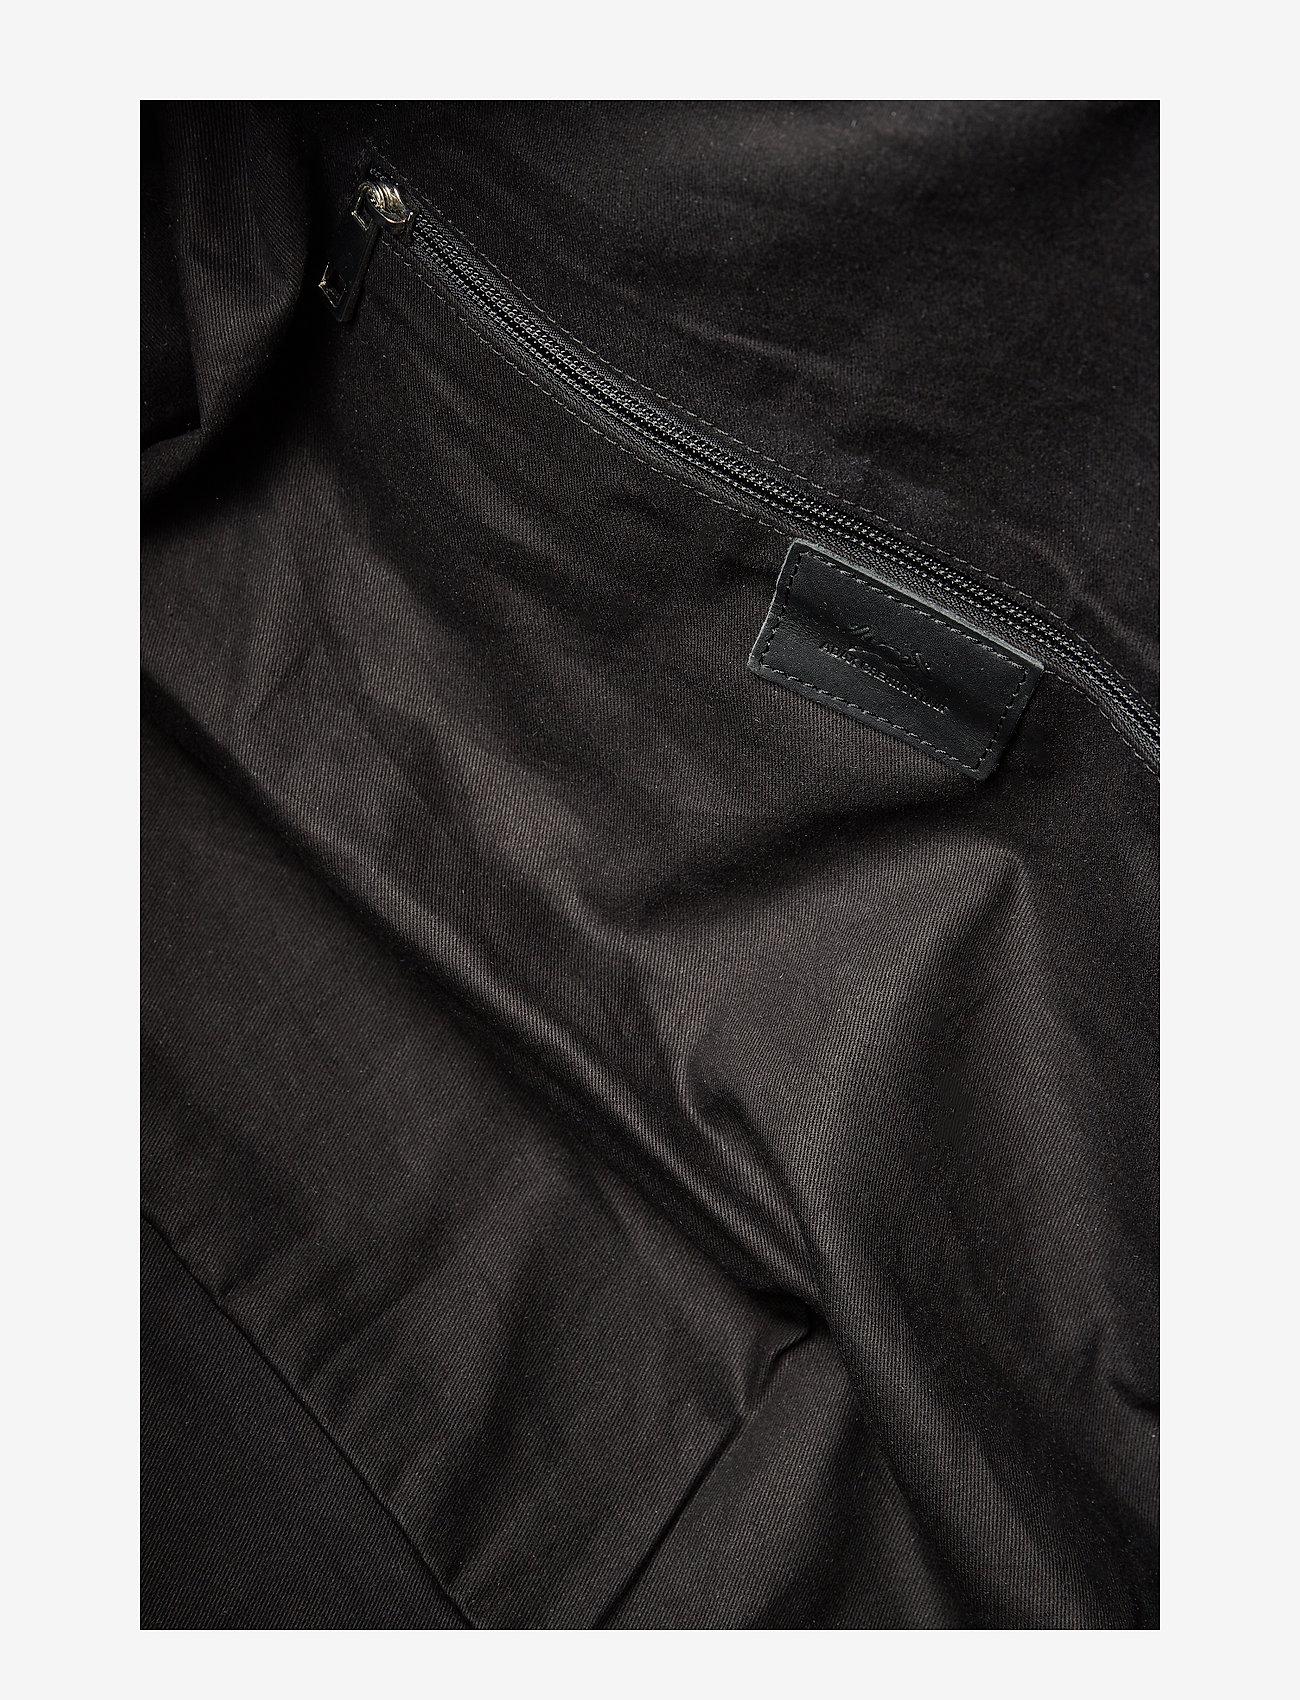 Adax 299146 Black - Weekend & Gym Väskor